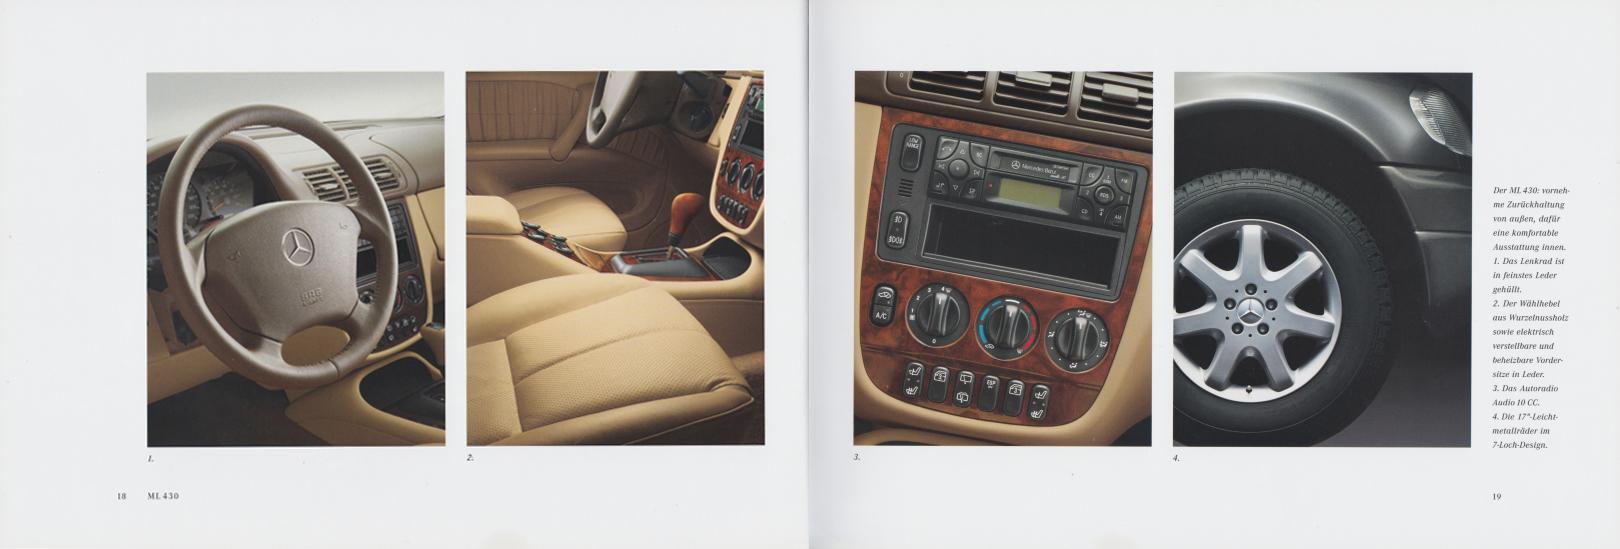 (W163): Catálogo 2000 - alemão 011